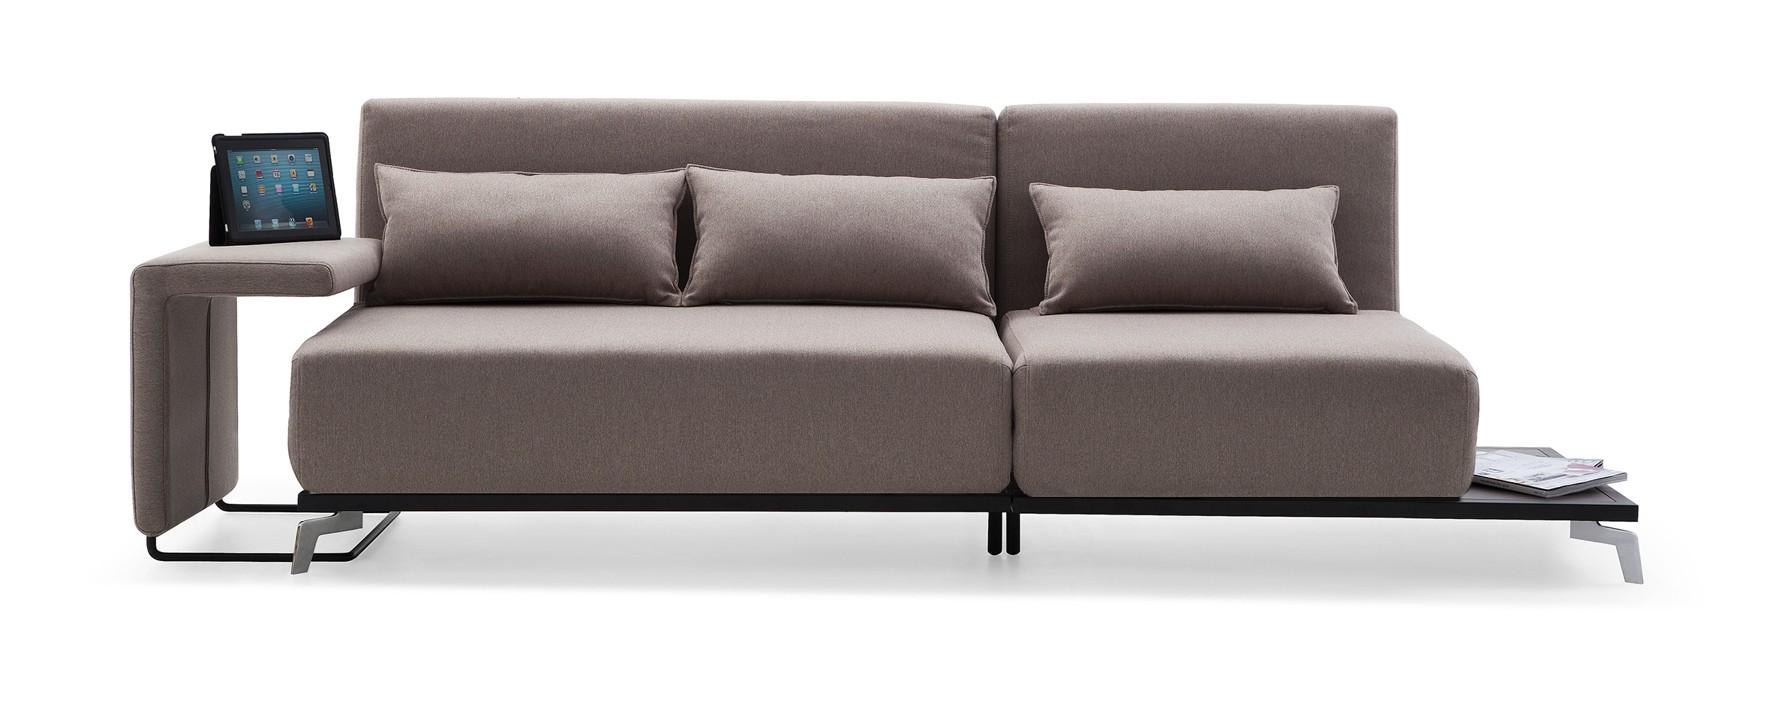 Contemporary sofa beds cado modern furniture - jh033 modern sofa bed ... MOYQEHZ